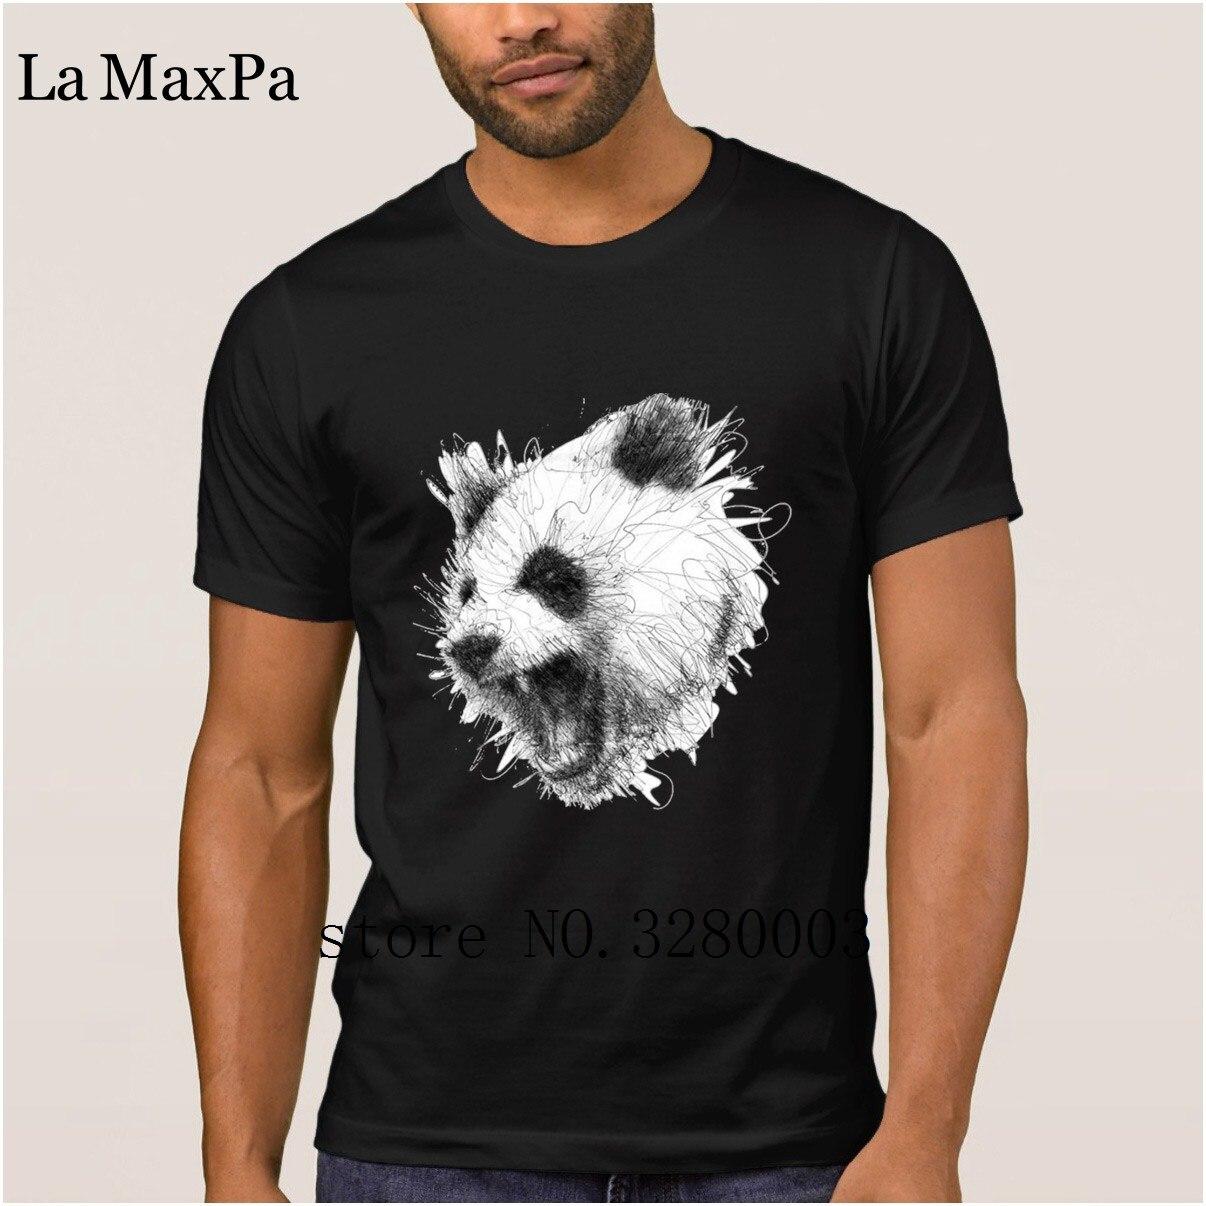 La maxpa лучших образцов Футболка мужская панда футболка для мужчин Летний стиль Оригинальная футболка мужская тонкий дешевые